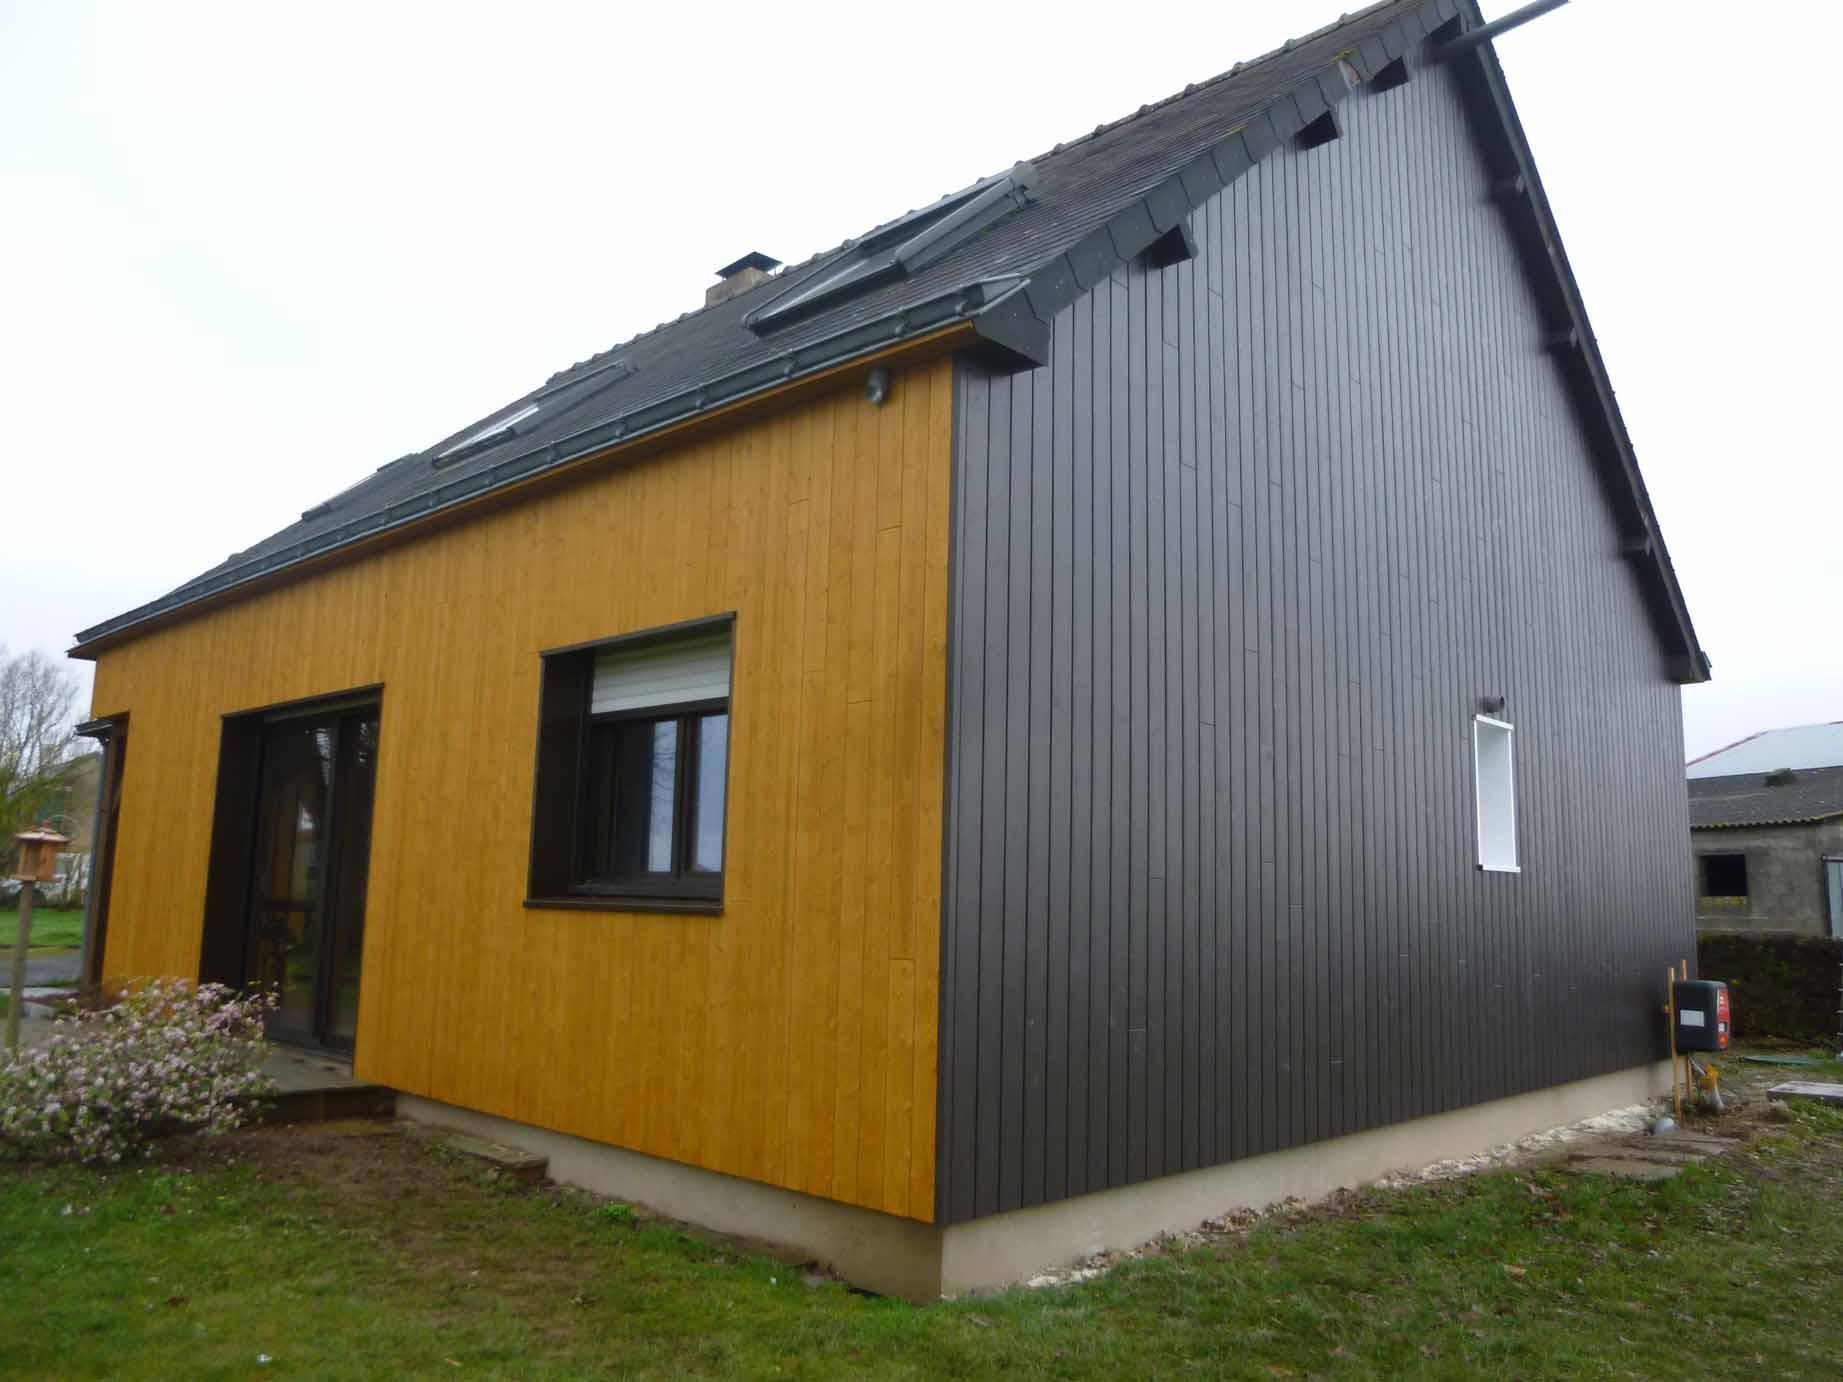 isolation thermique par lext233rieur dune maison 224 riaill233